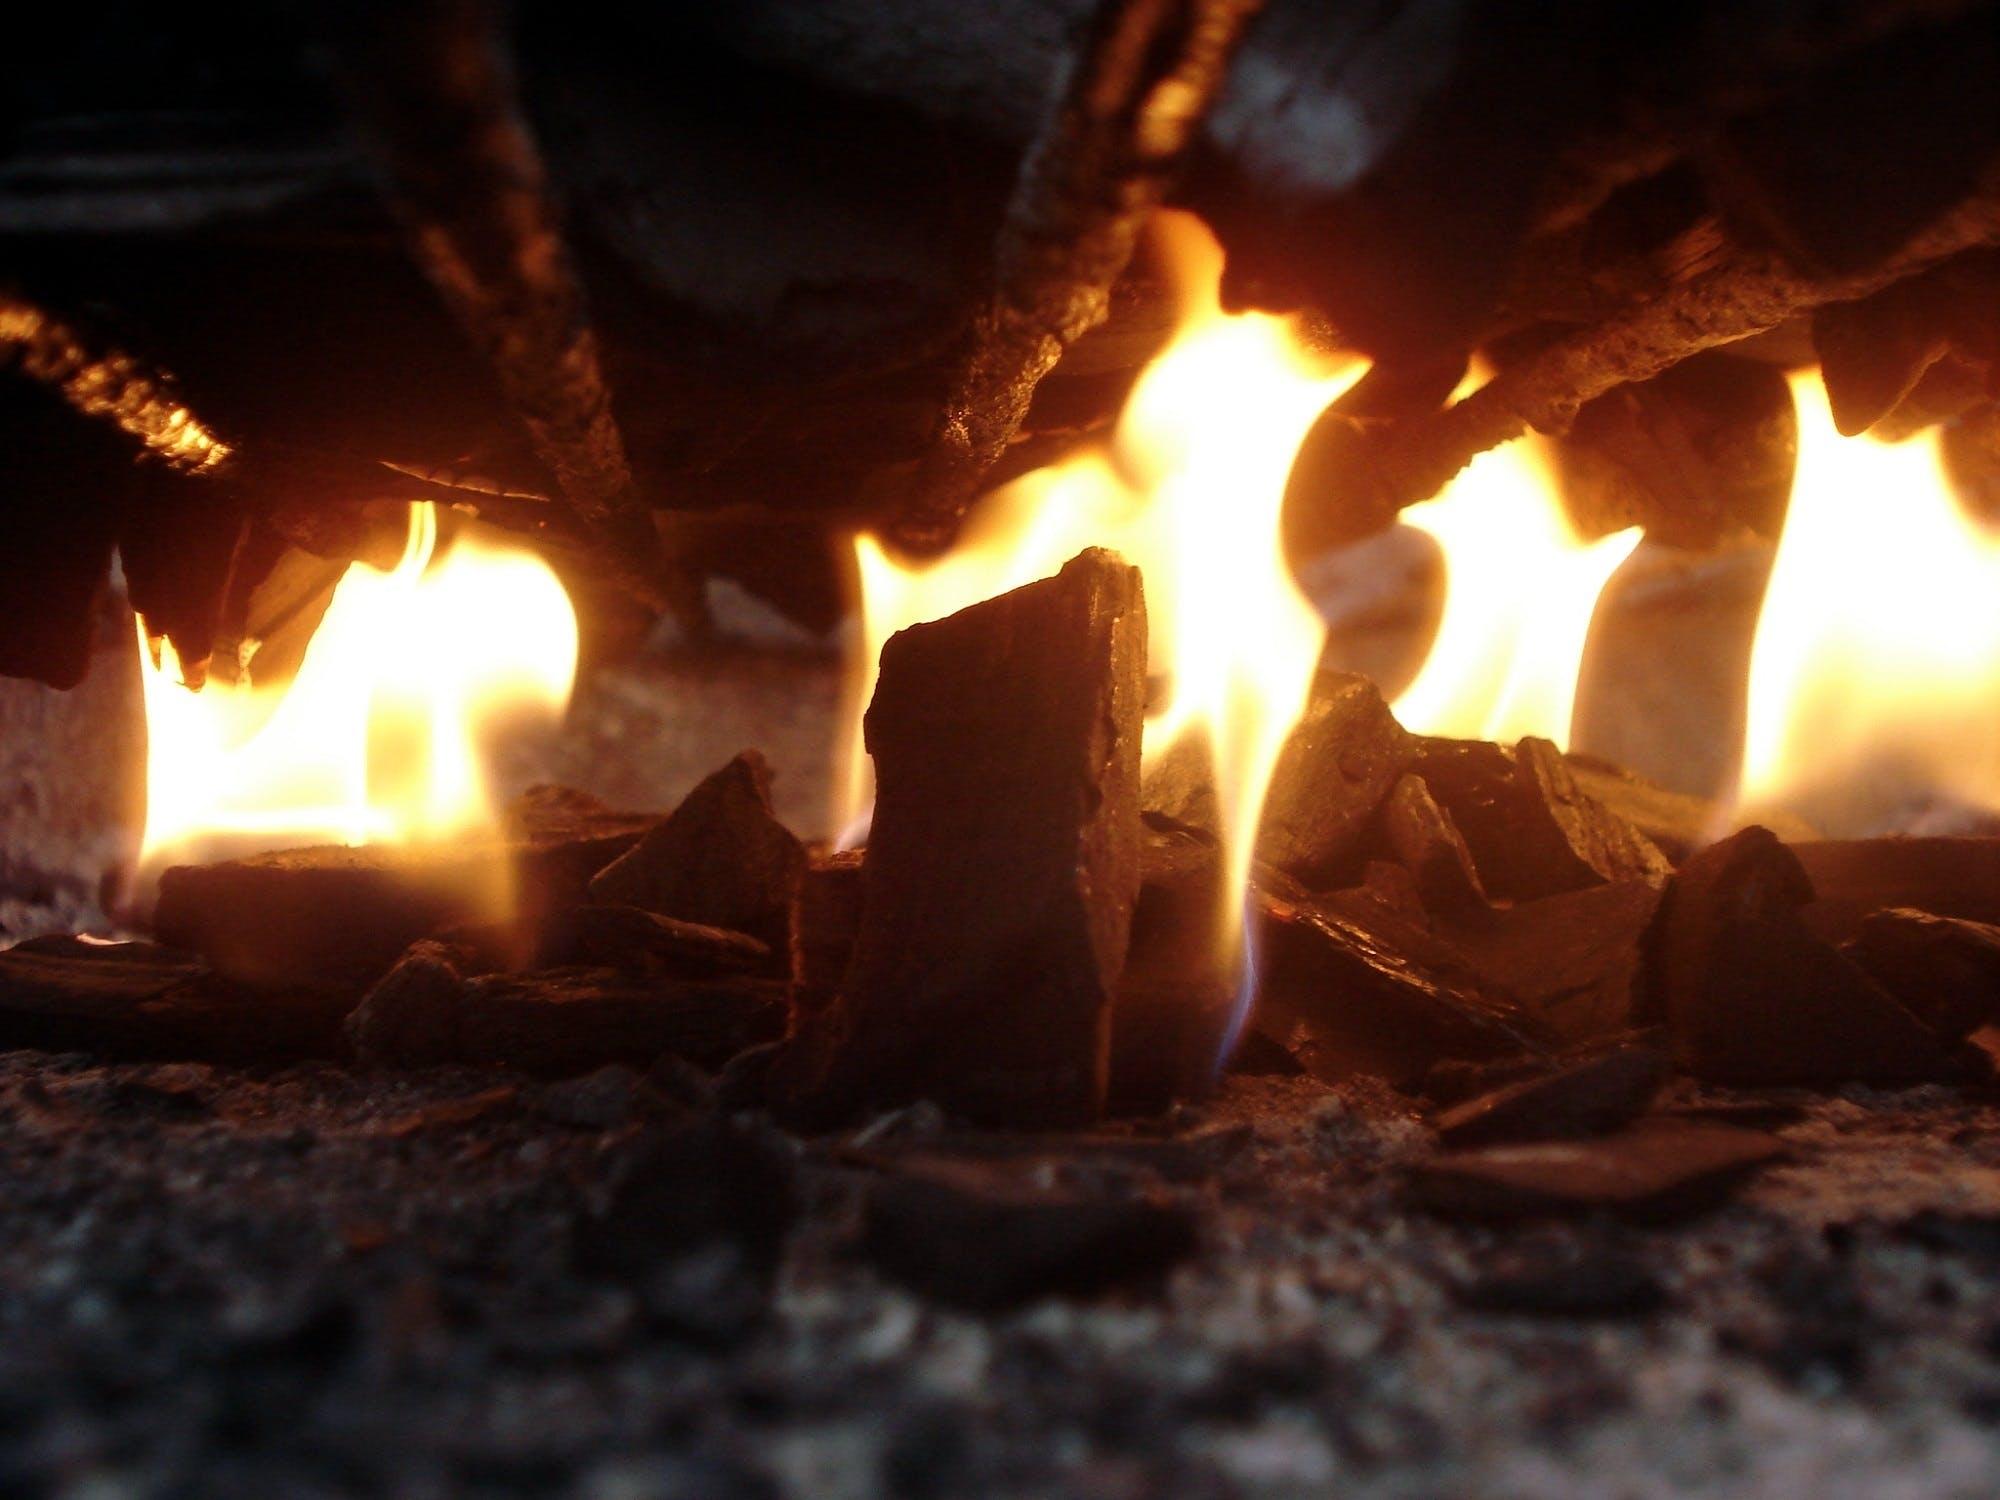 Δωρεάν στοκ φωτογραφιών με θερμότητα, καίω, κάρβουνο, φλόγα